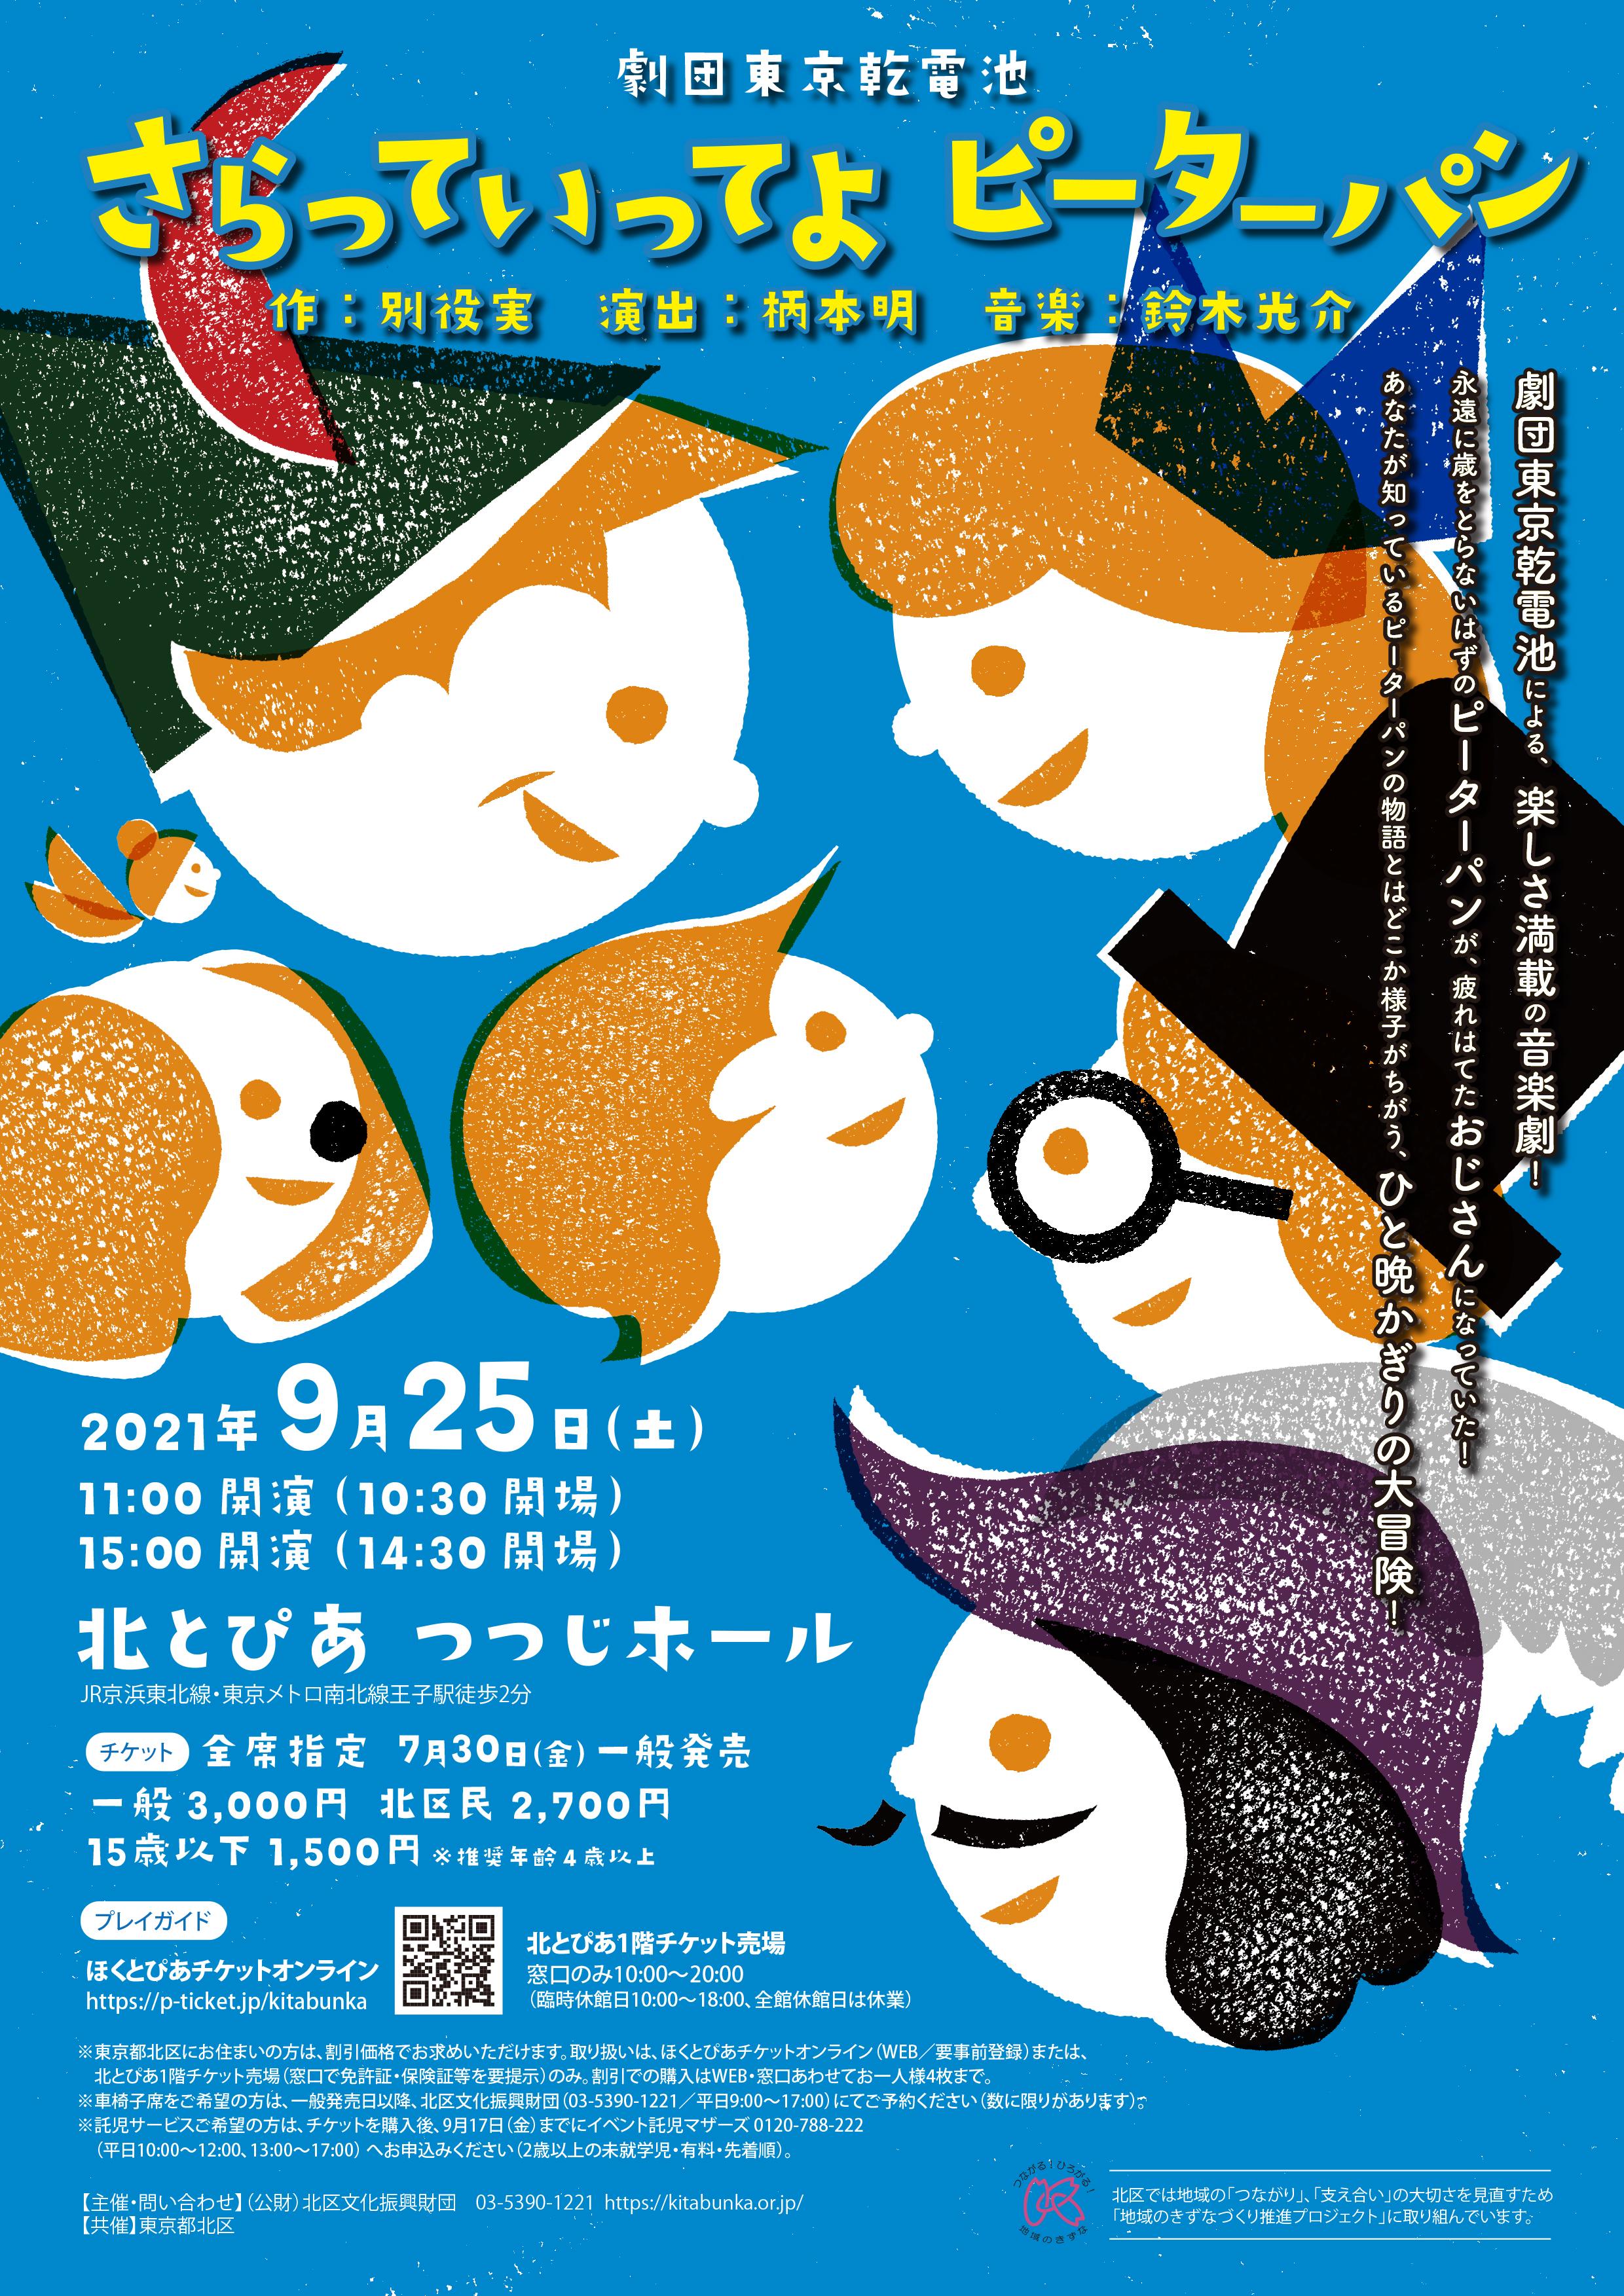 劇団東京乾電池『さらっていってよピーターパン』の画像